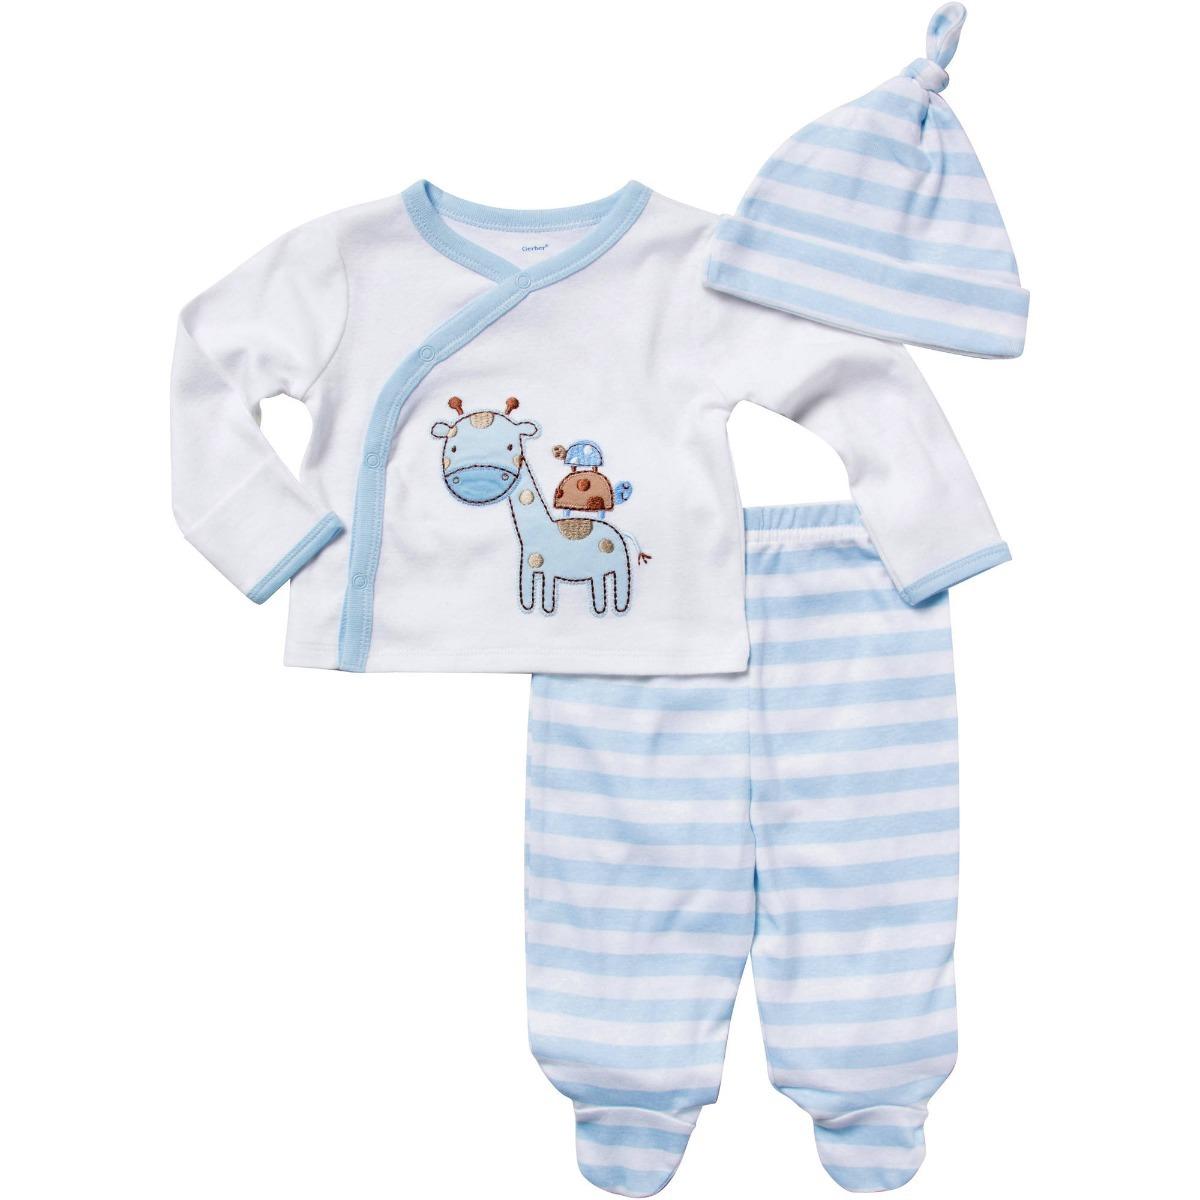 cd31e4535 Ropa Para Bebés Prematuros - Gerber -   59.800 en Mercado Libre